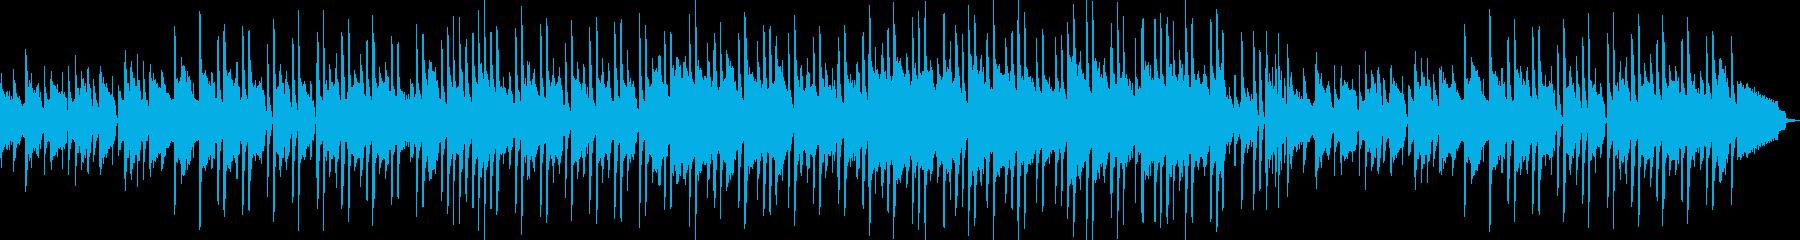 ほのぼのとした温かさのあるポップスの再生済みの波形